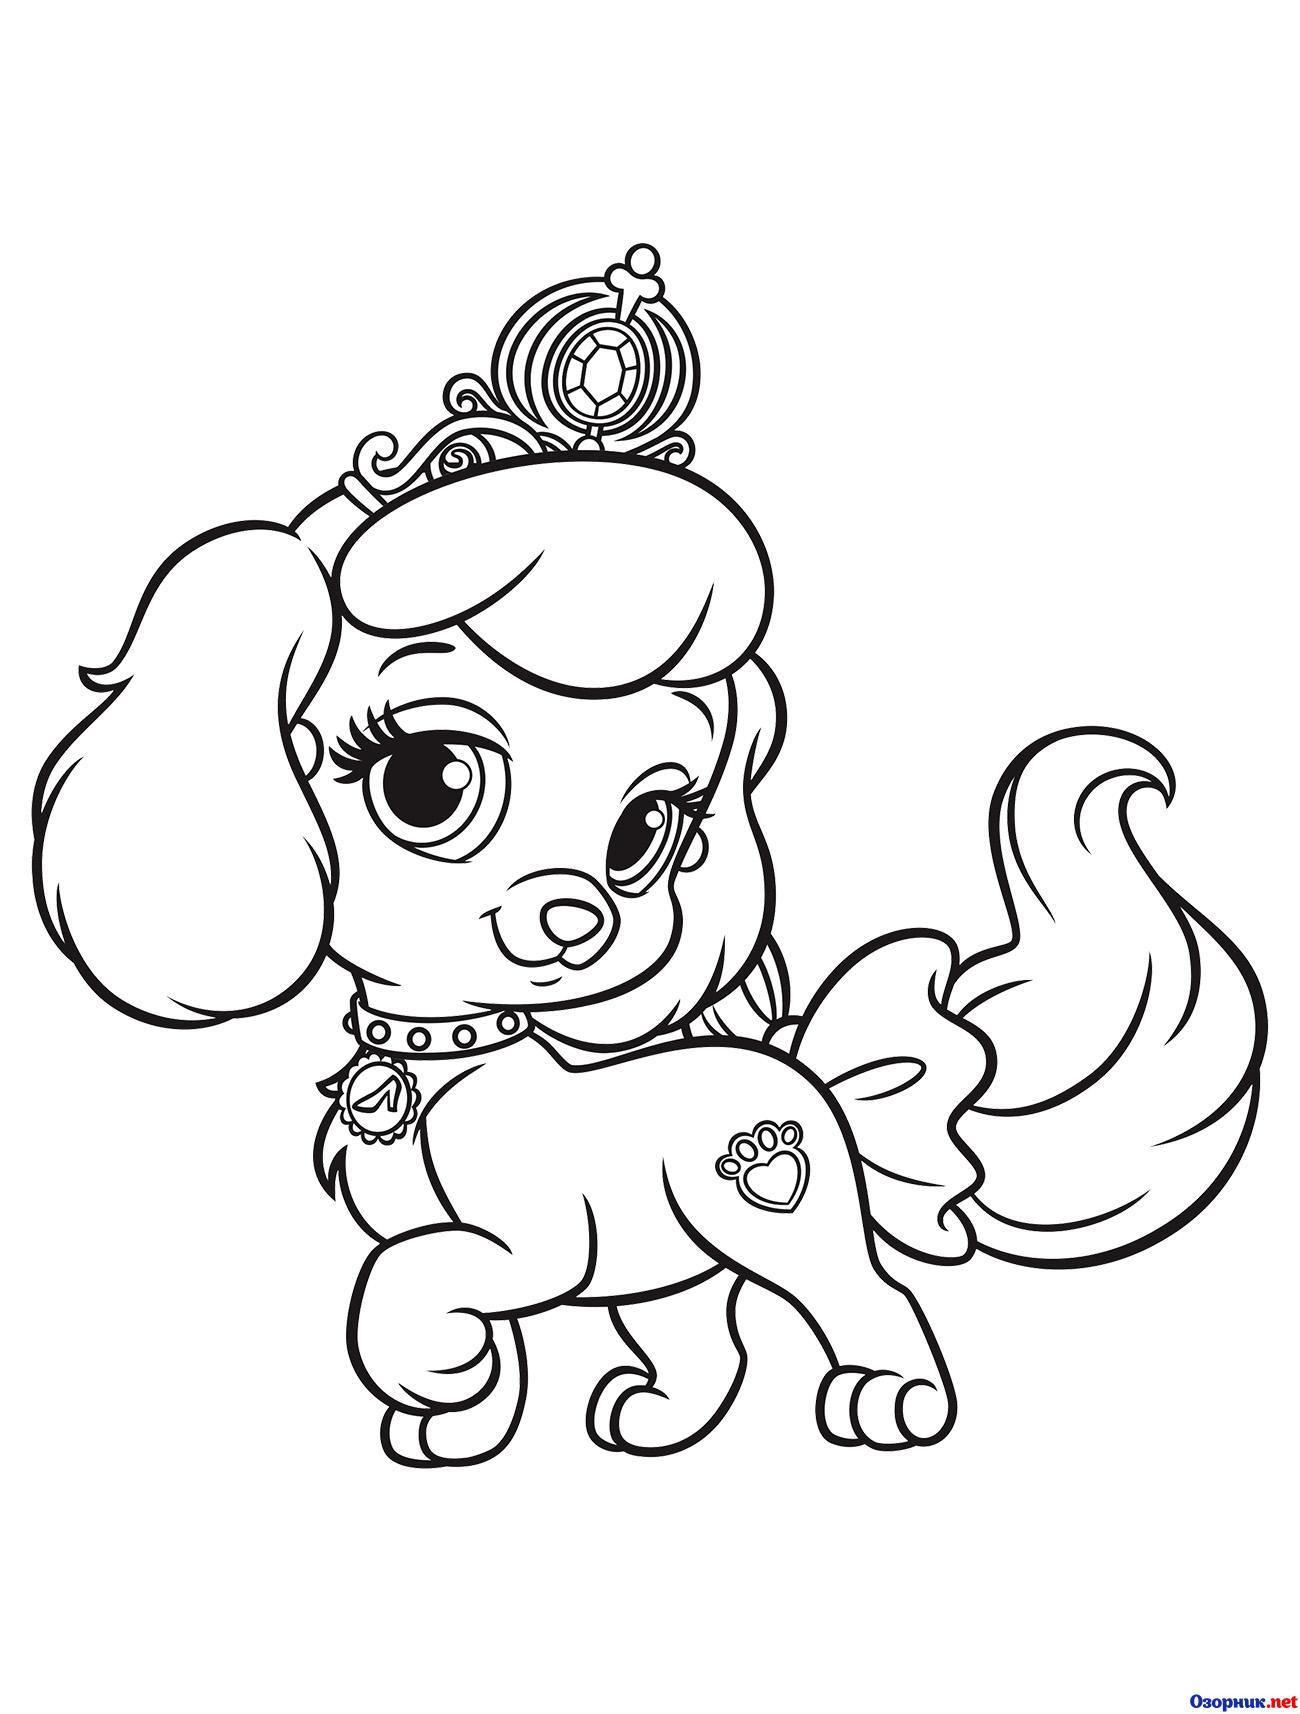 Dibujos De Perros Para Colorear En Linea